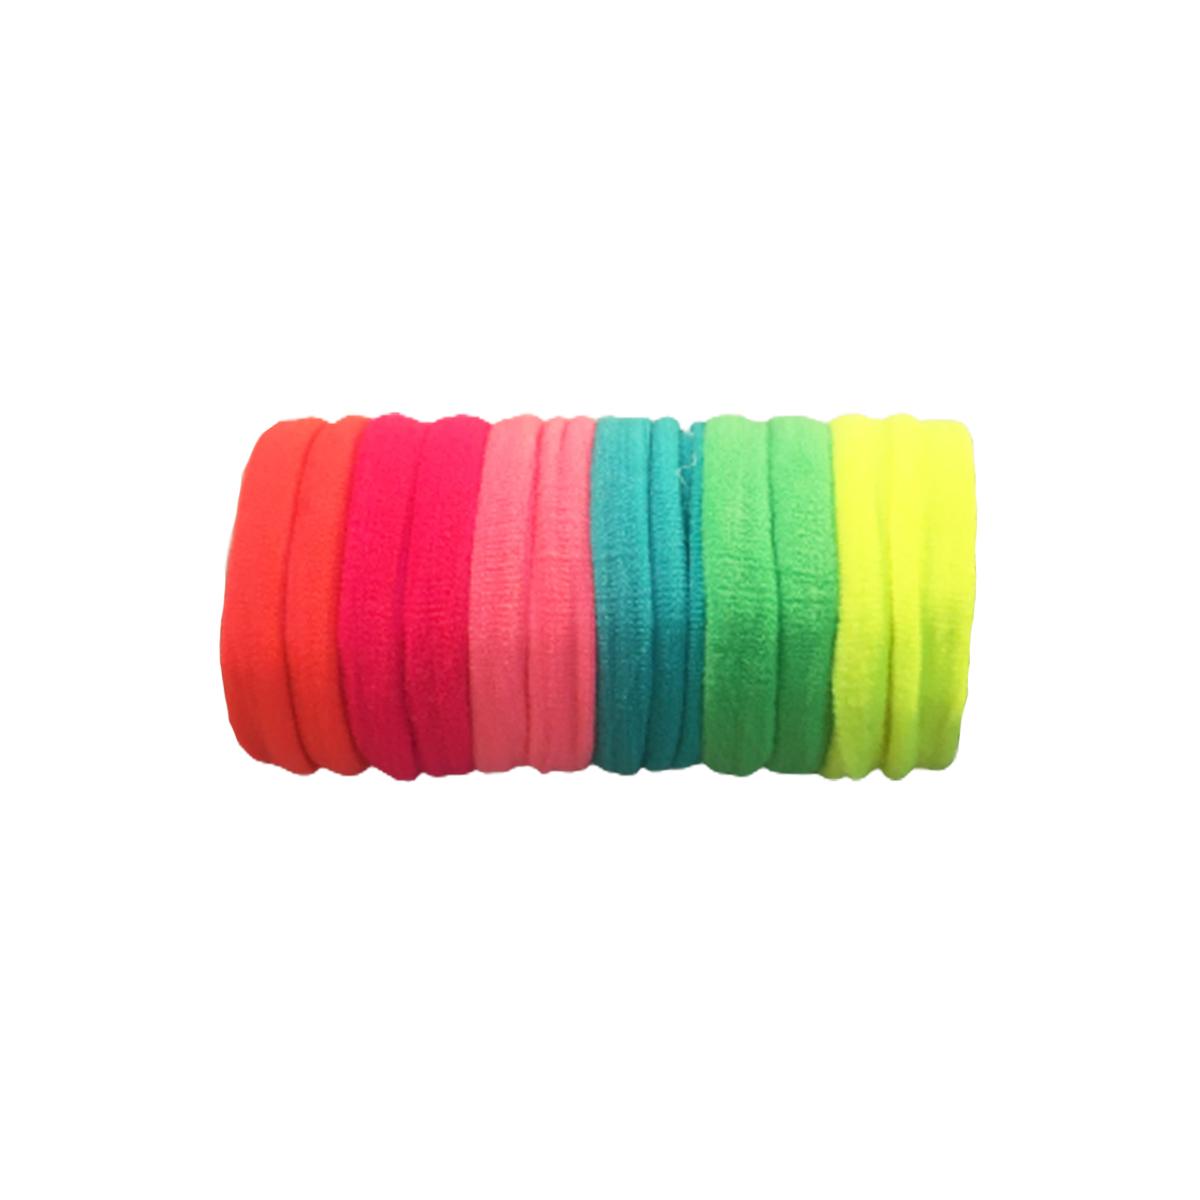 Xuxinha Elástico Rábico De Cabelo Colorida 144 Unidades